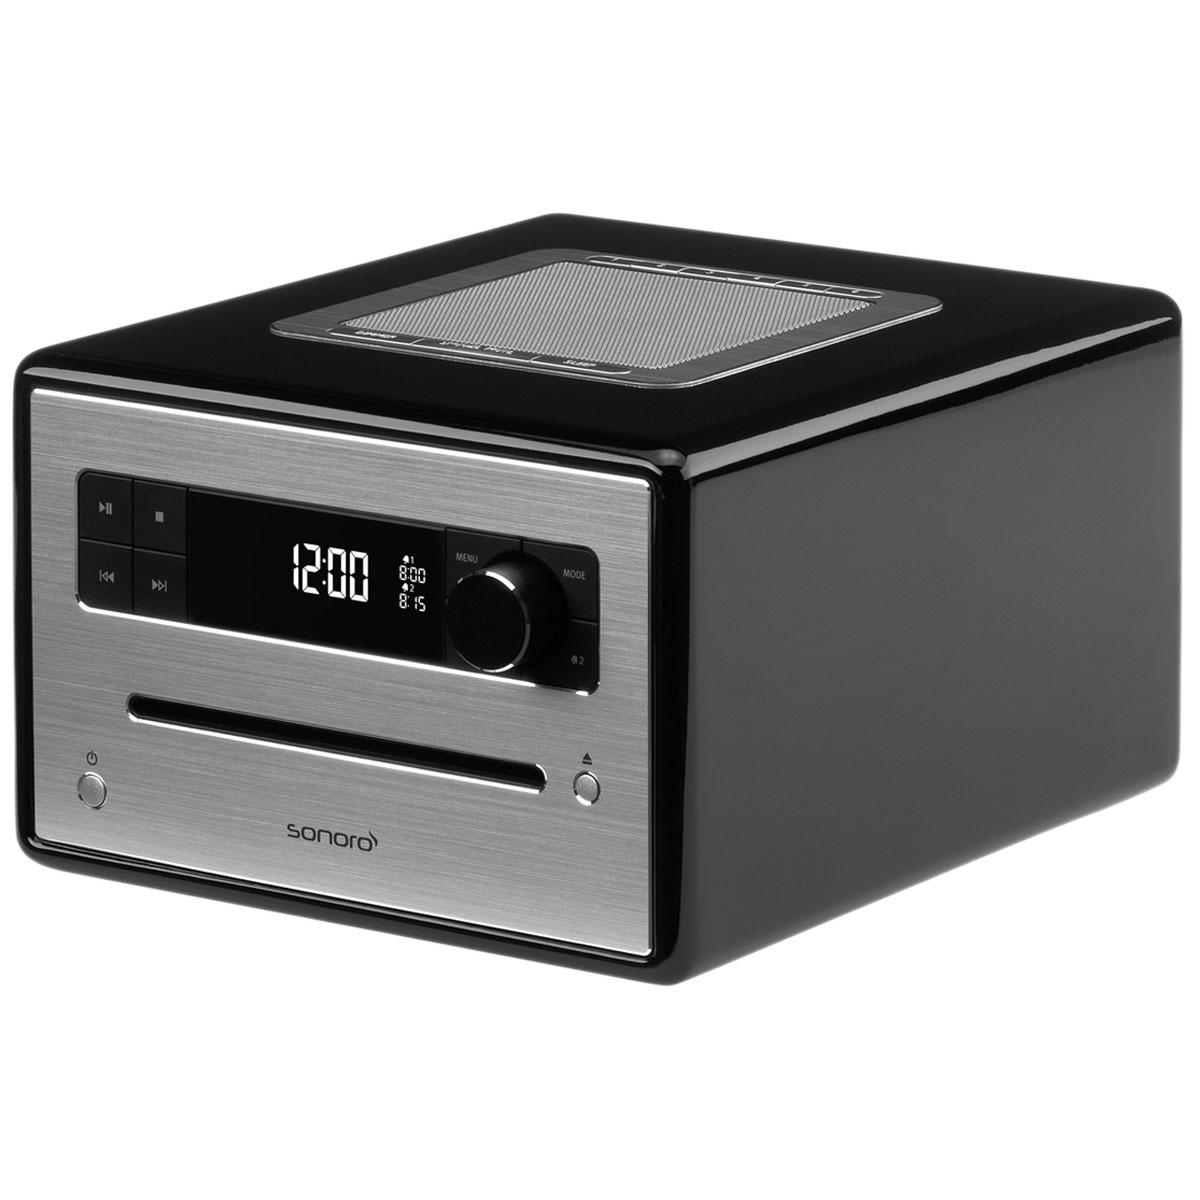 sonoro cd noir radio radio r veil sonoro sur ldlc. Black Bedroom Furniture Sets. Home Design Ideas